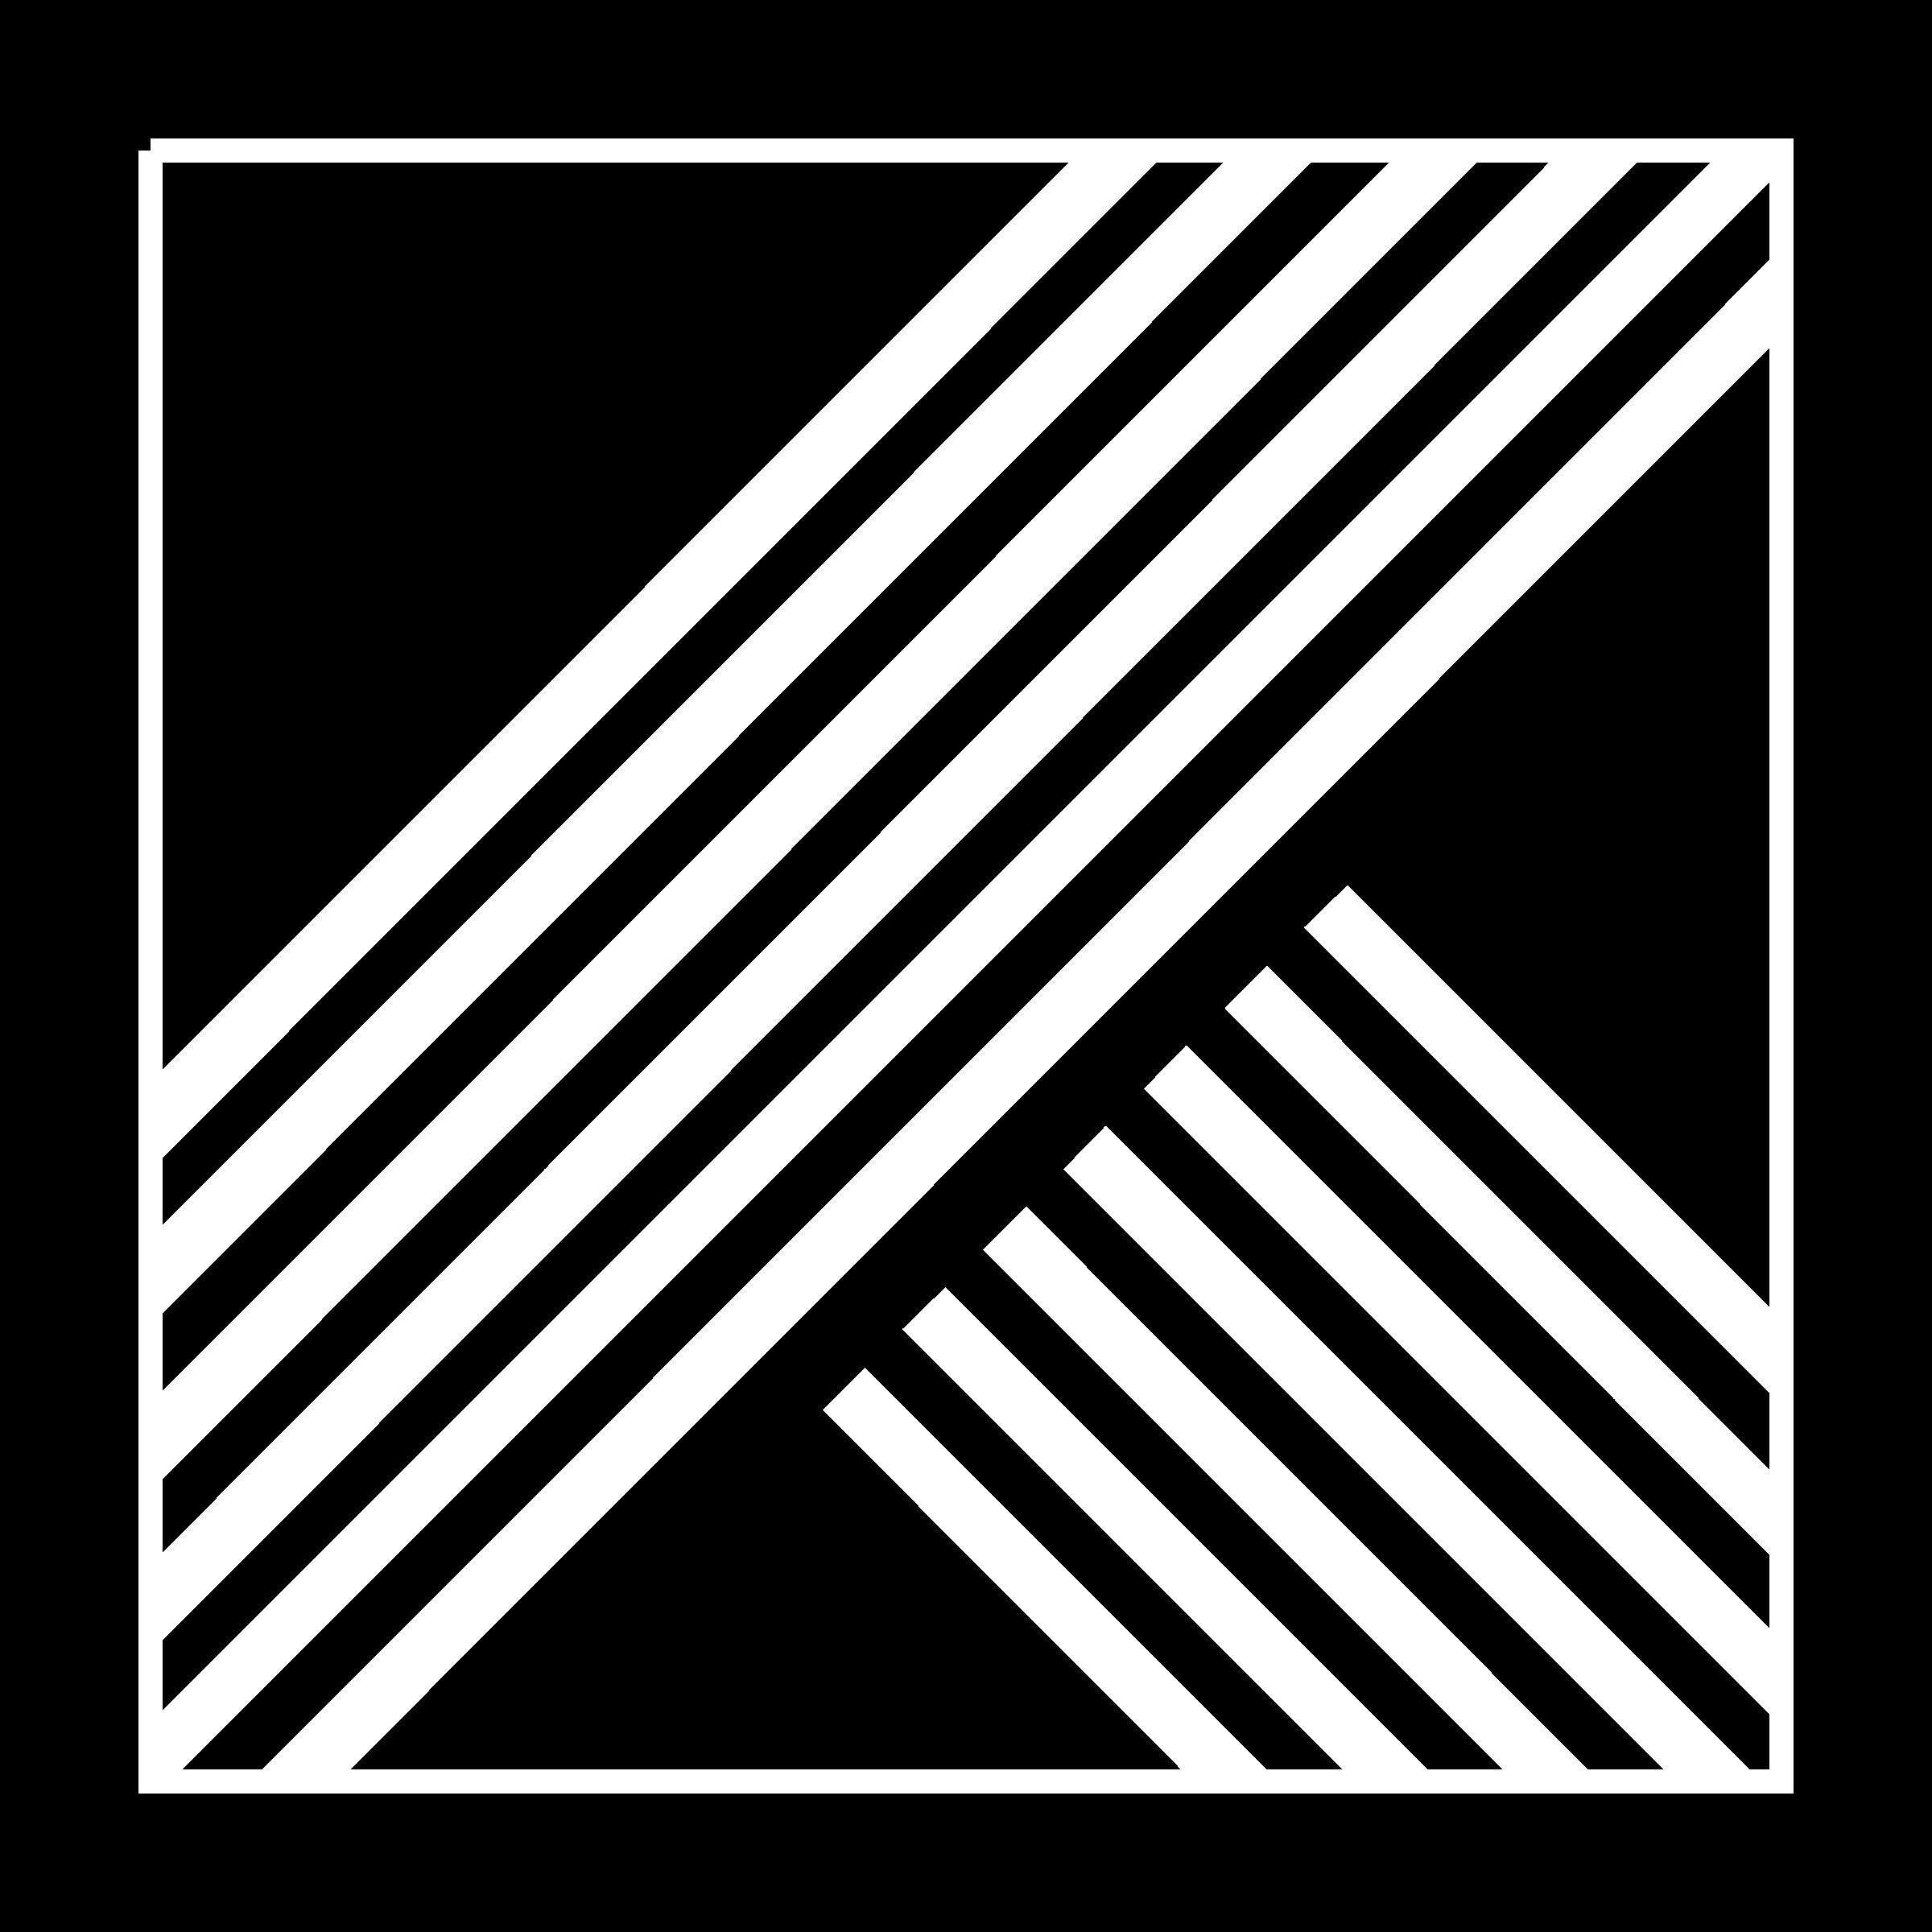 Hornbach Holding Logo PNG Transparent & SVG Vector.